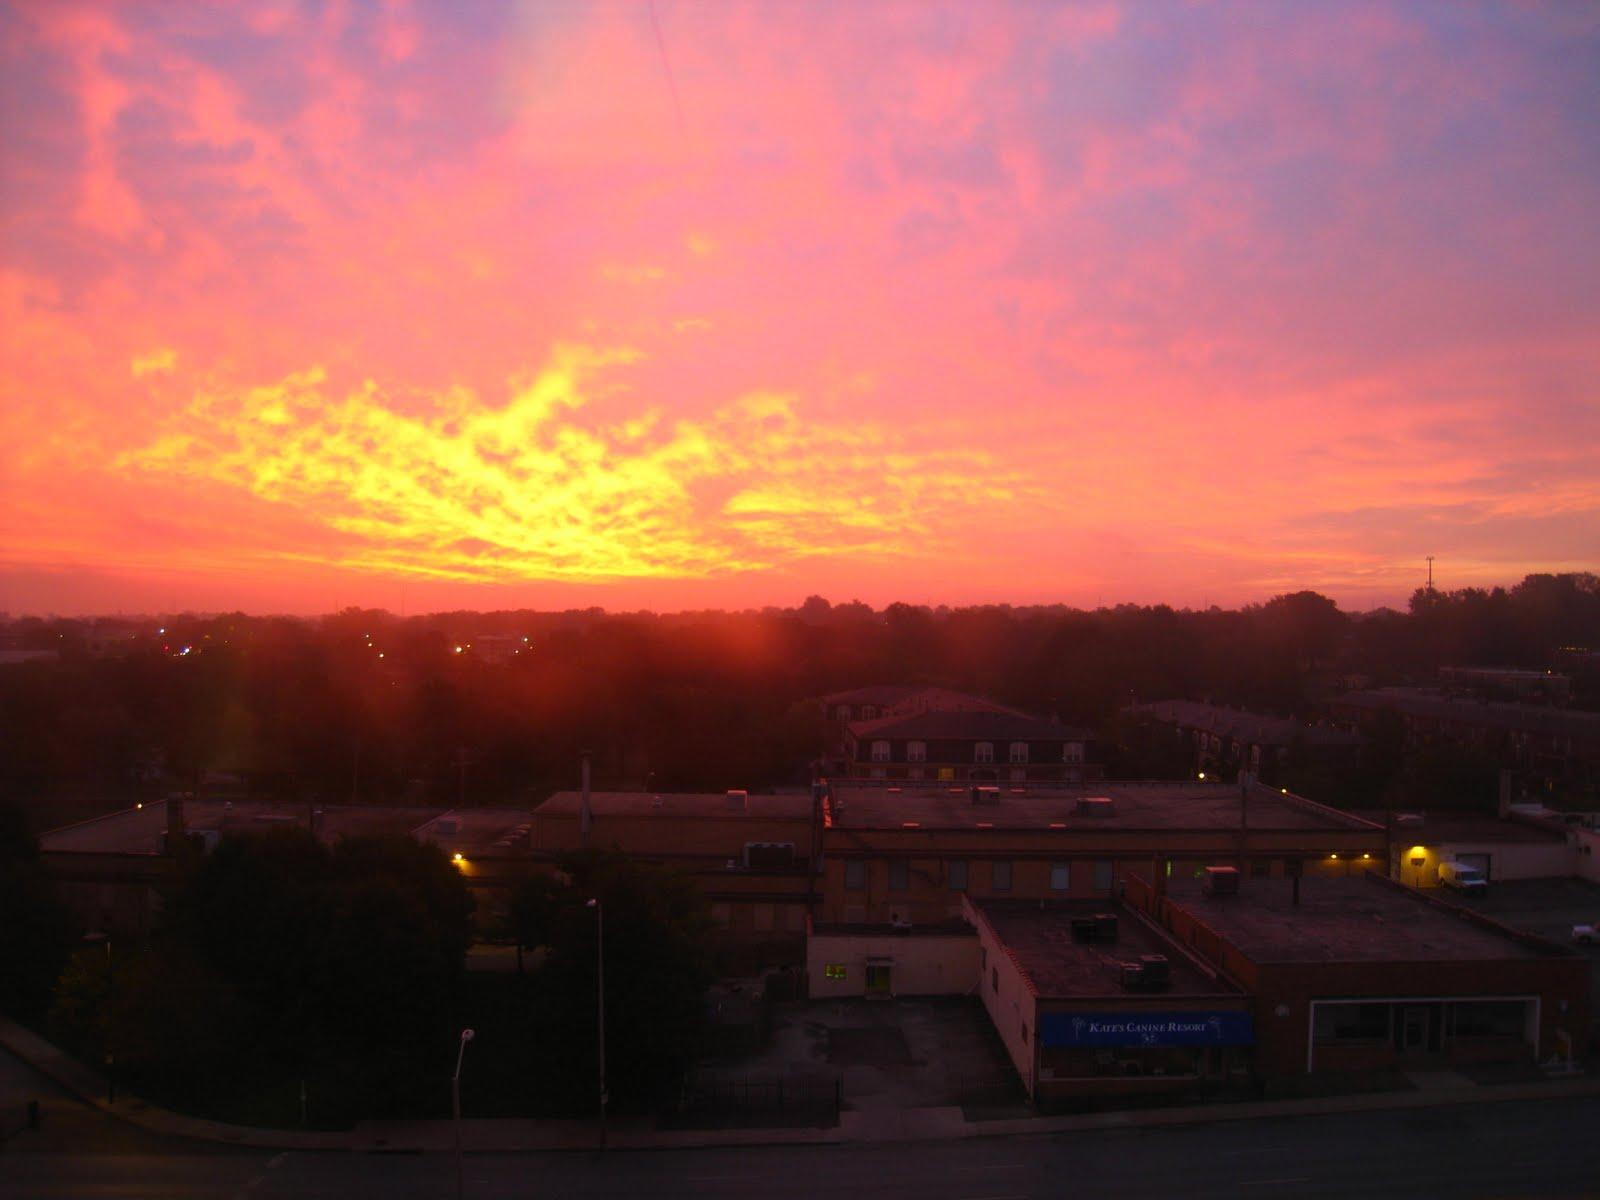 Early morning sunrise for Morning sunrise images